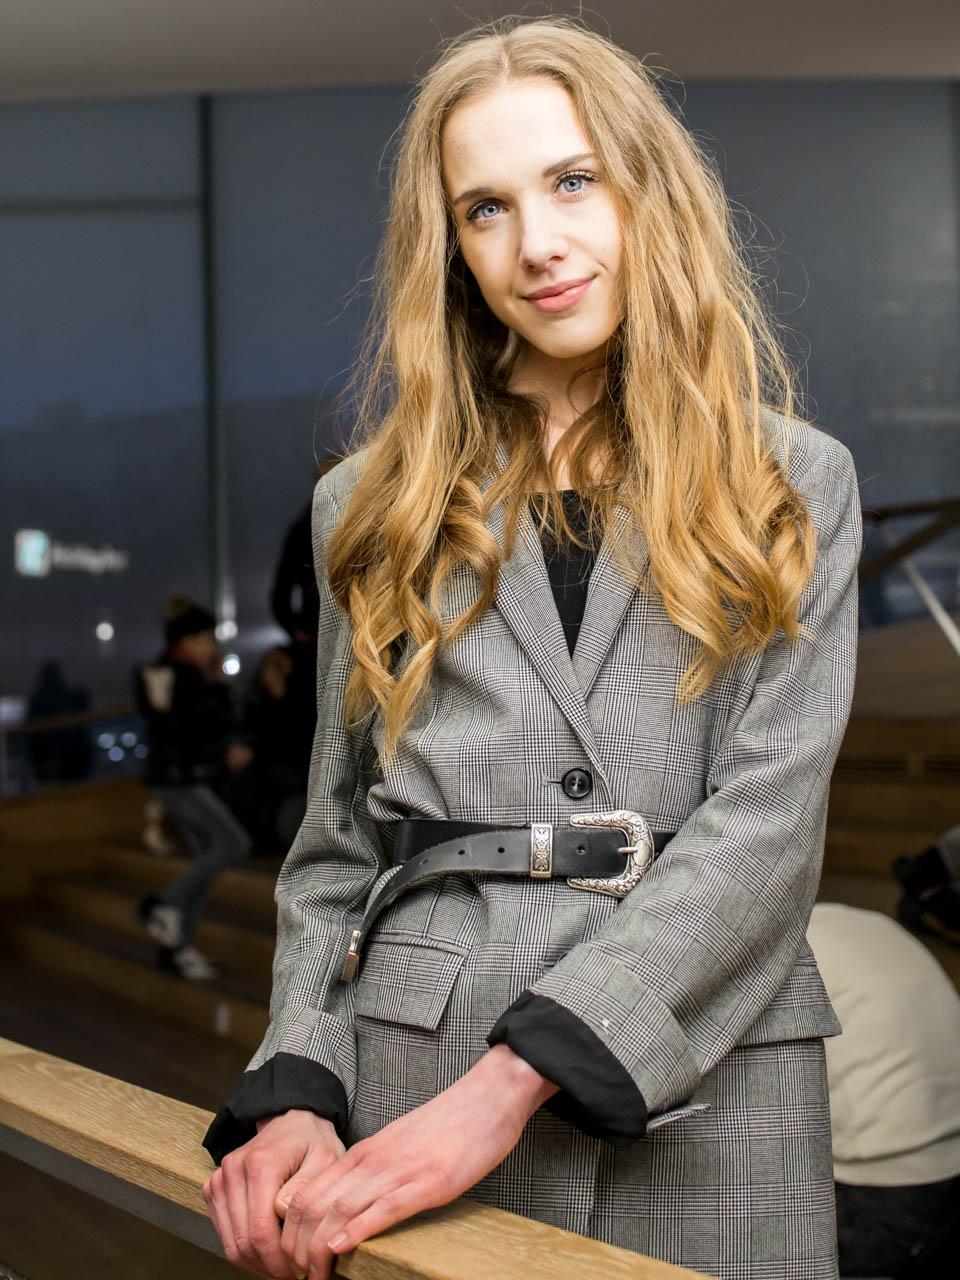 How to style belt with a blazer - Kuinka pukea vyö bleiserin kanssa